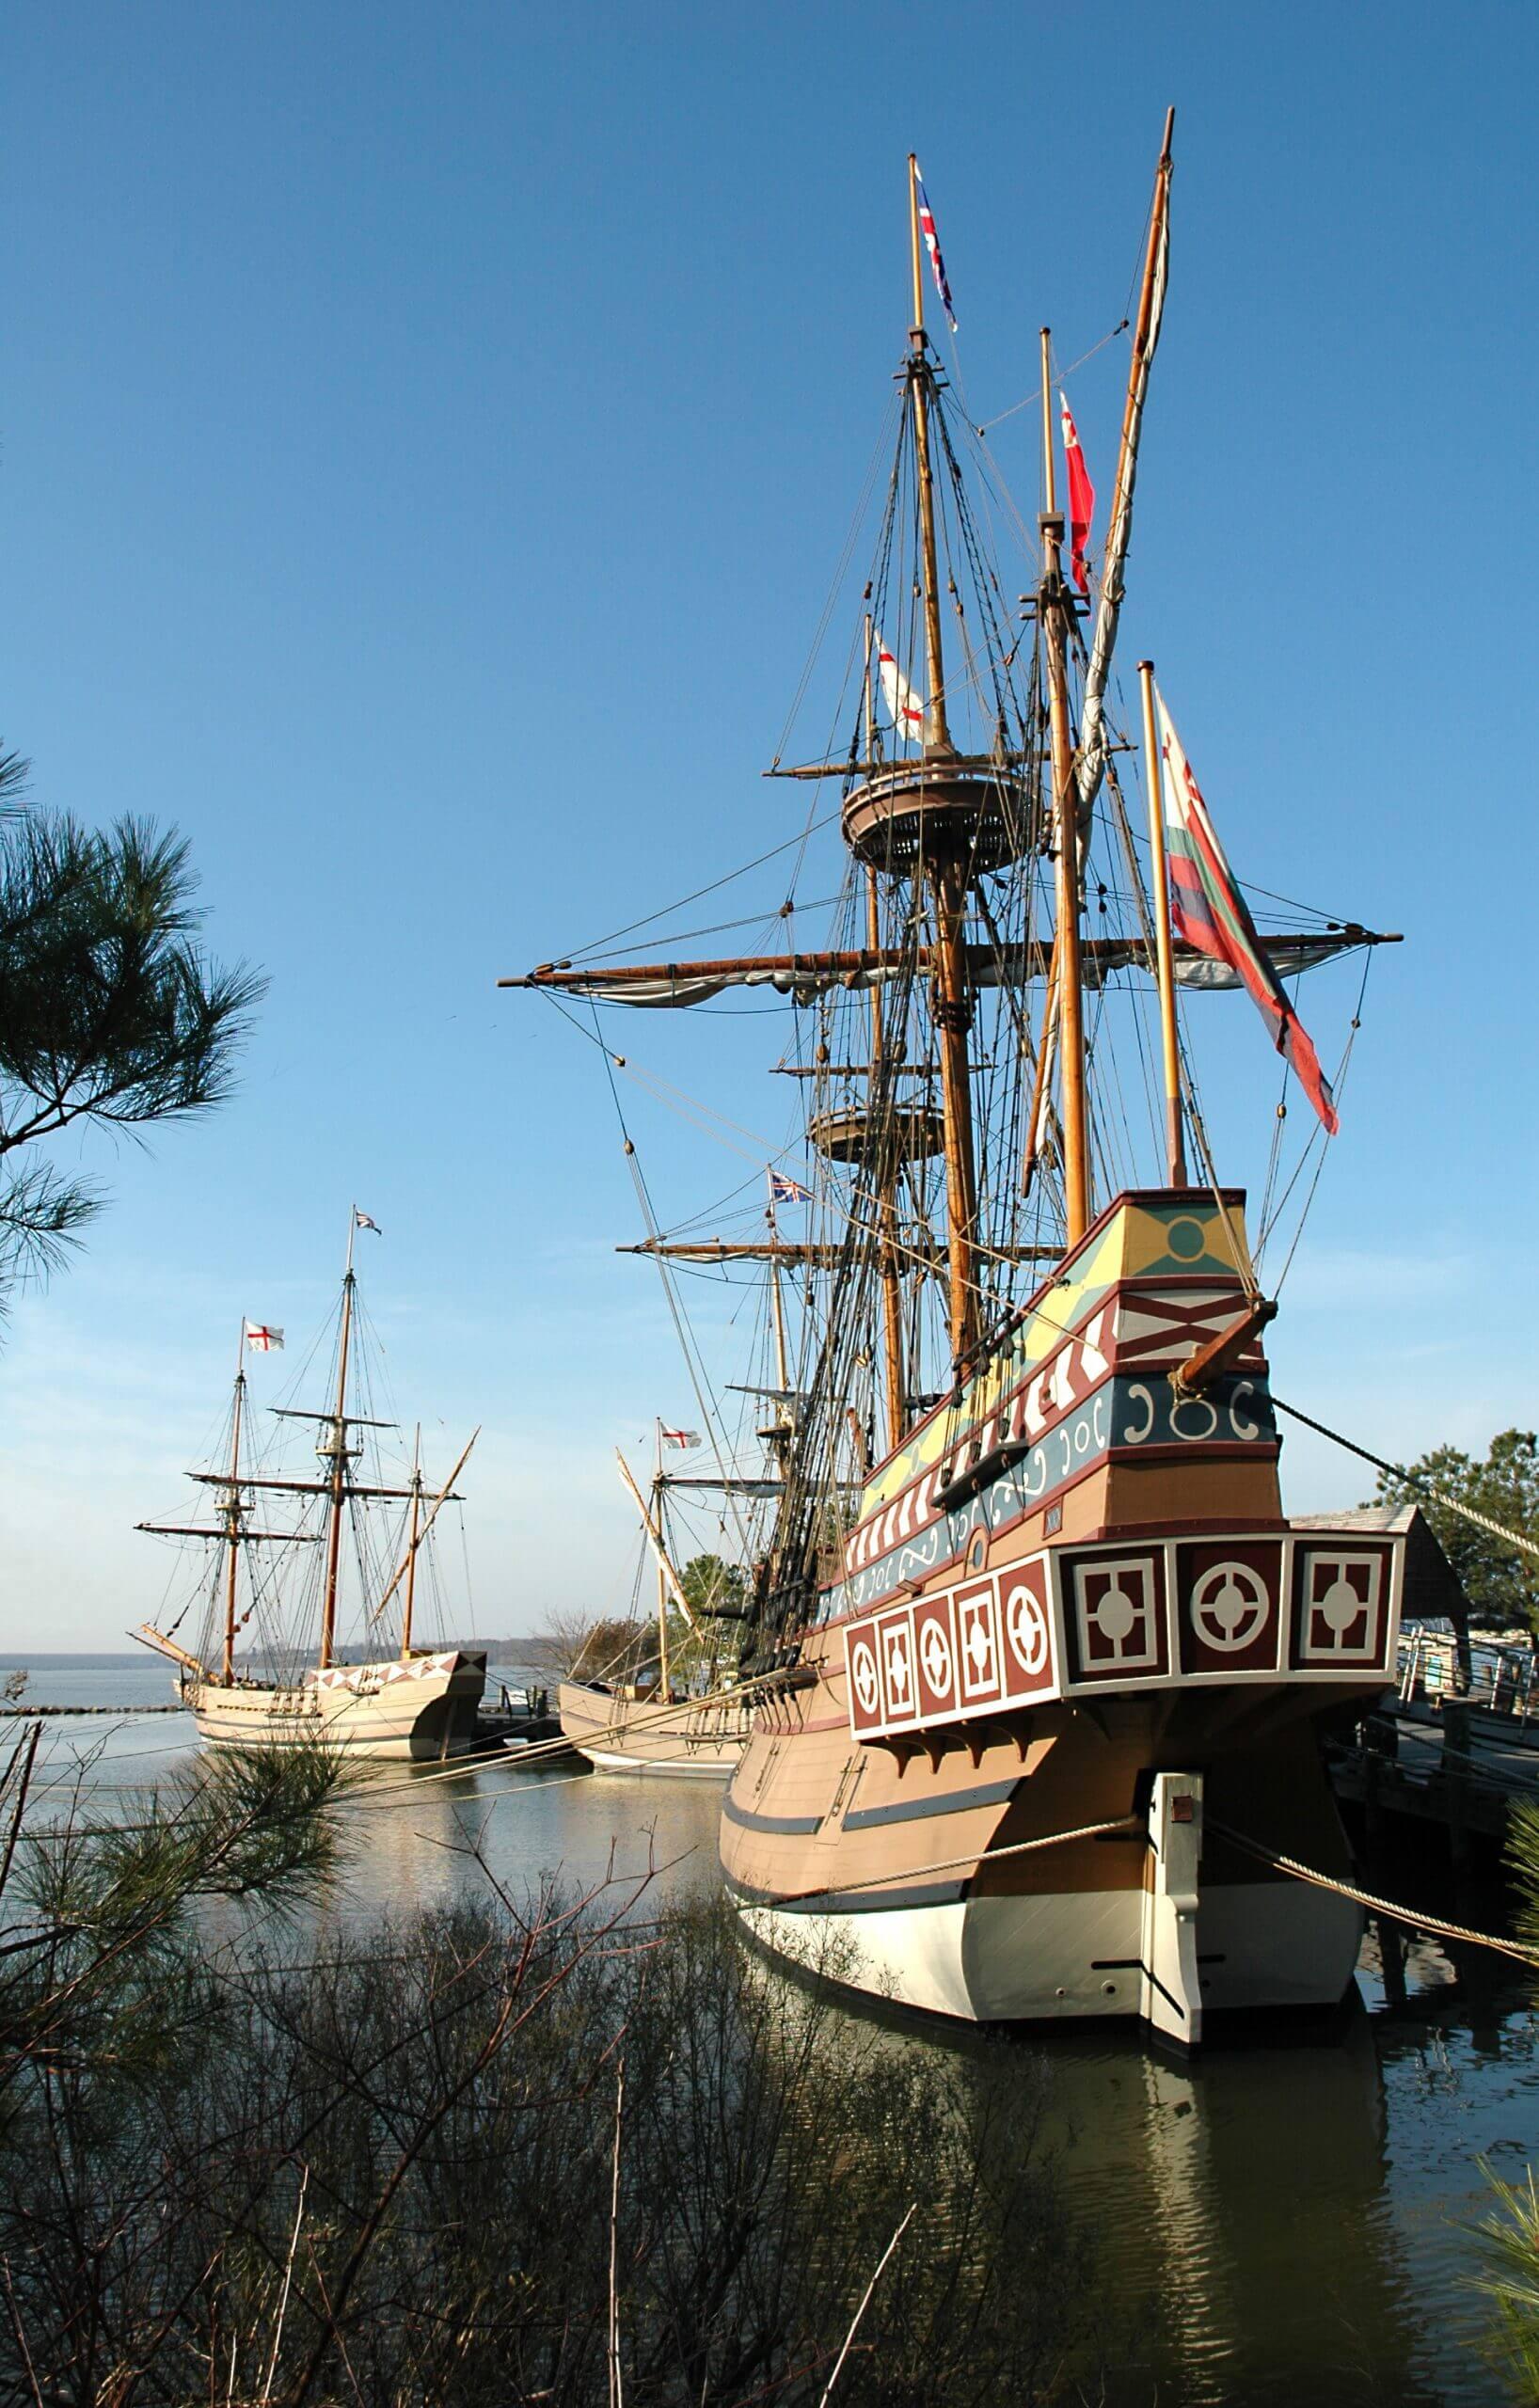 JamestownShip Vertical